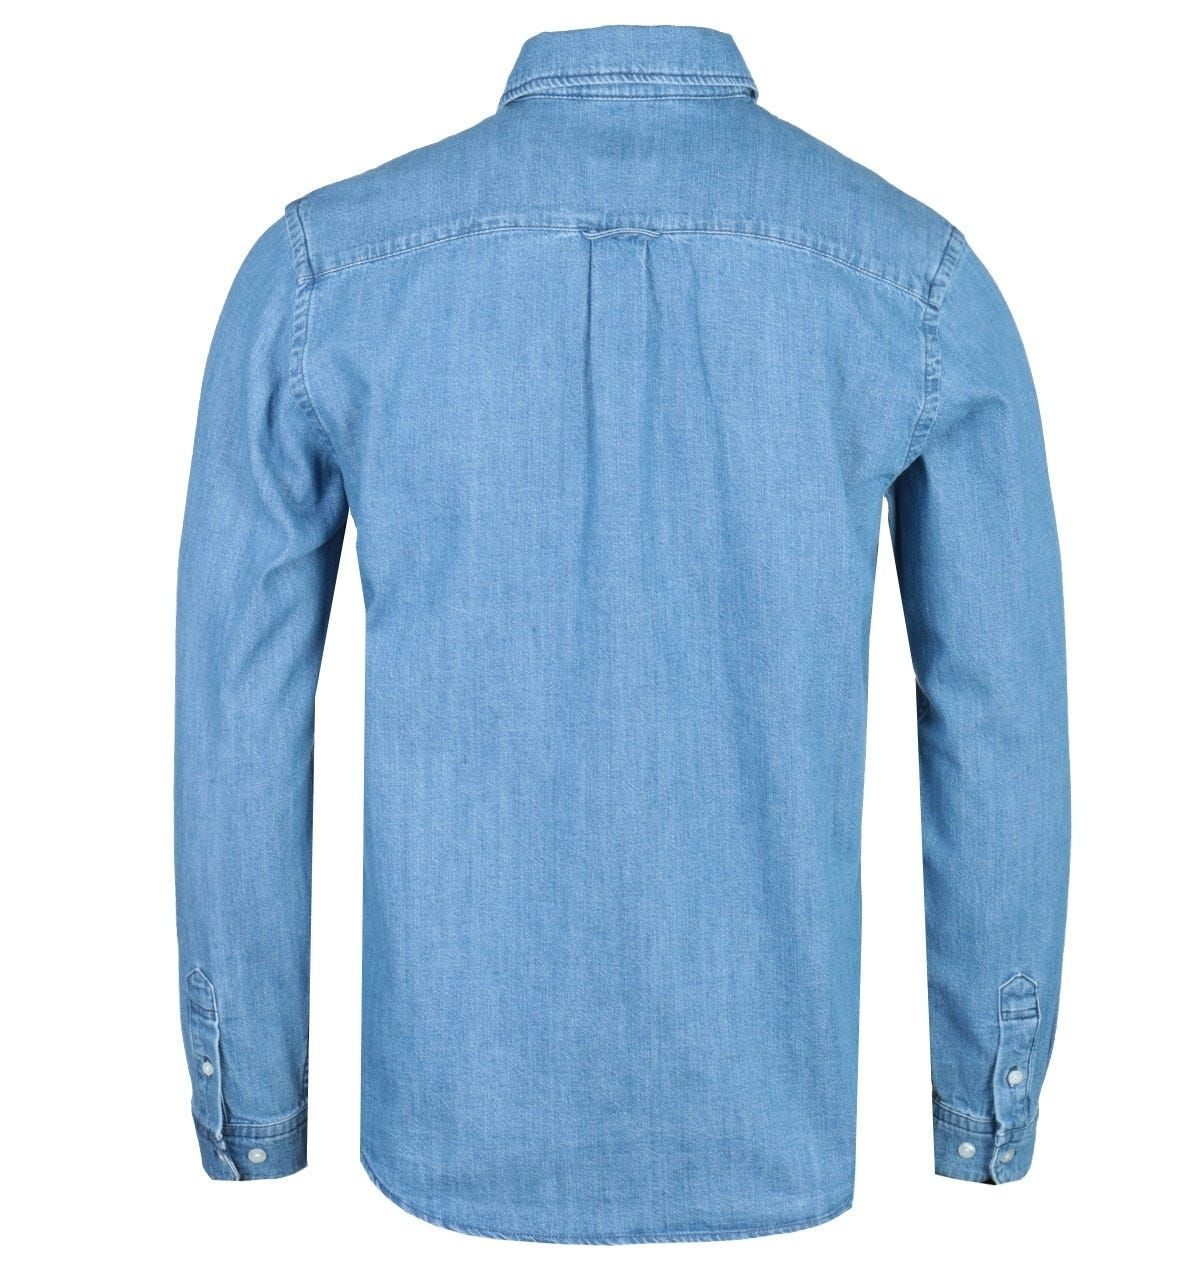 Edwin Better Light Blue Long Sleeve Denim Shirt